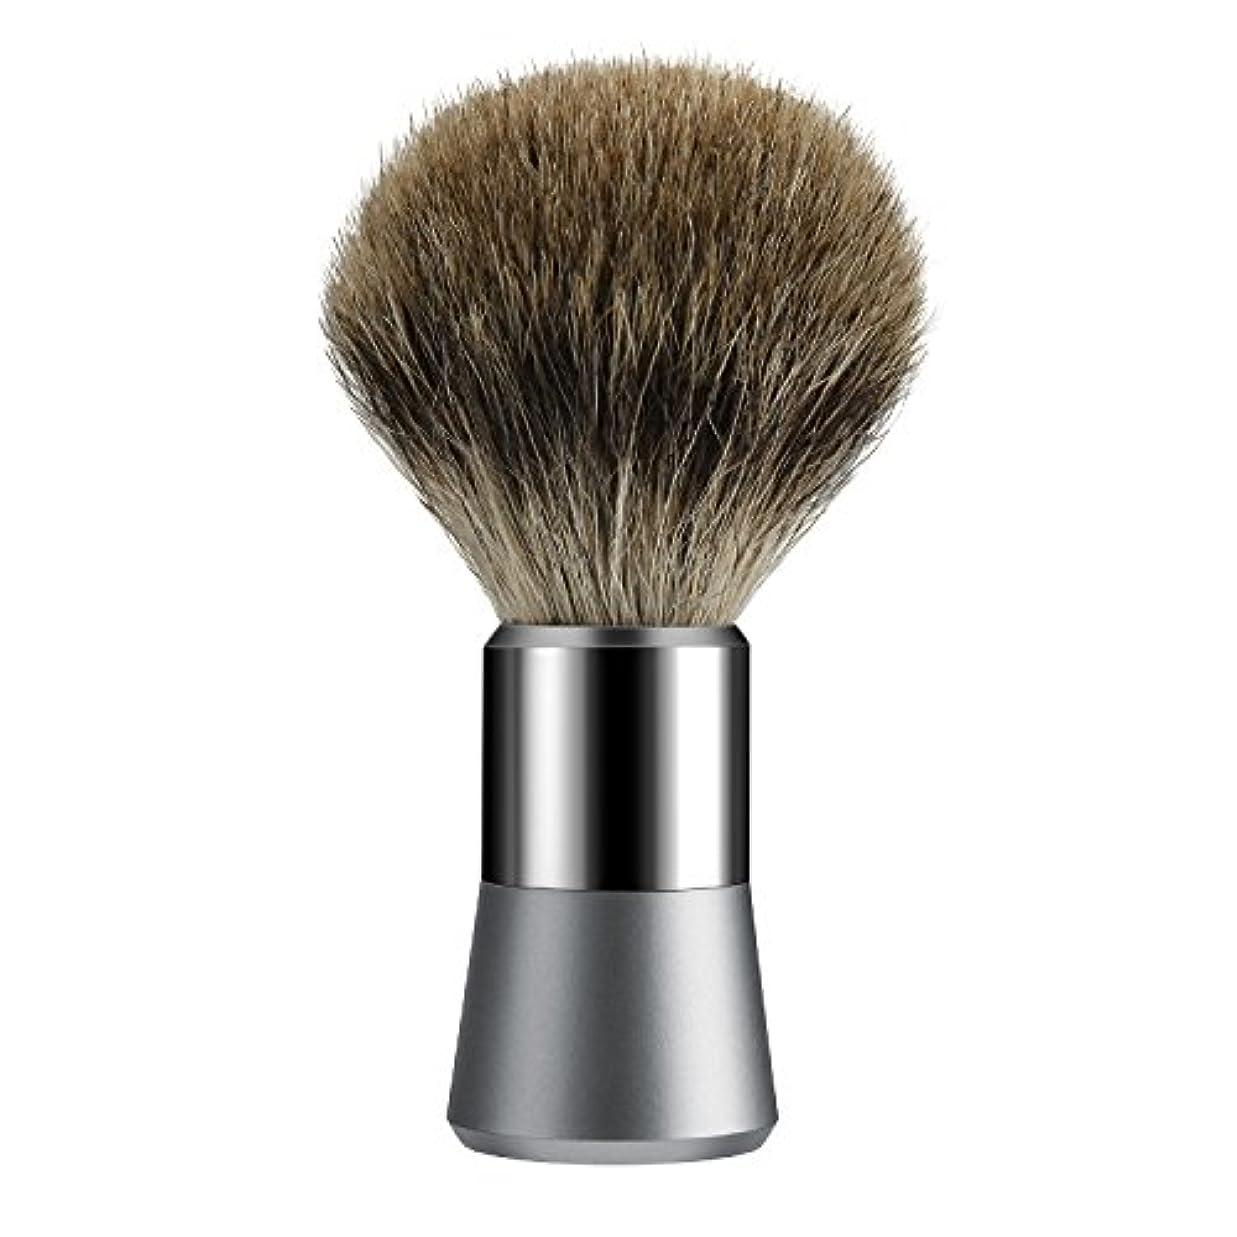 洗練された尋ねるストライドTezam シェービング ブラシ, シェービングブラシ アナグマの毛 100%, クロームハンドル